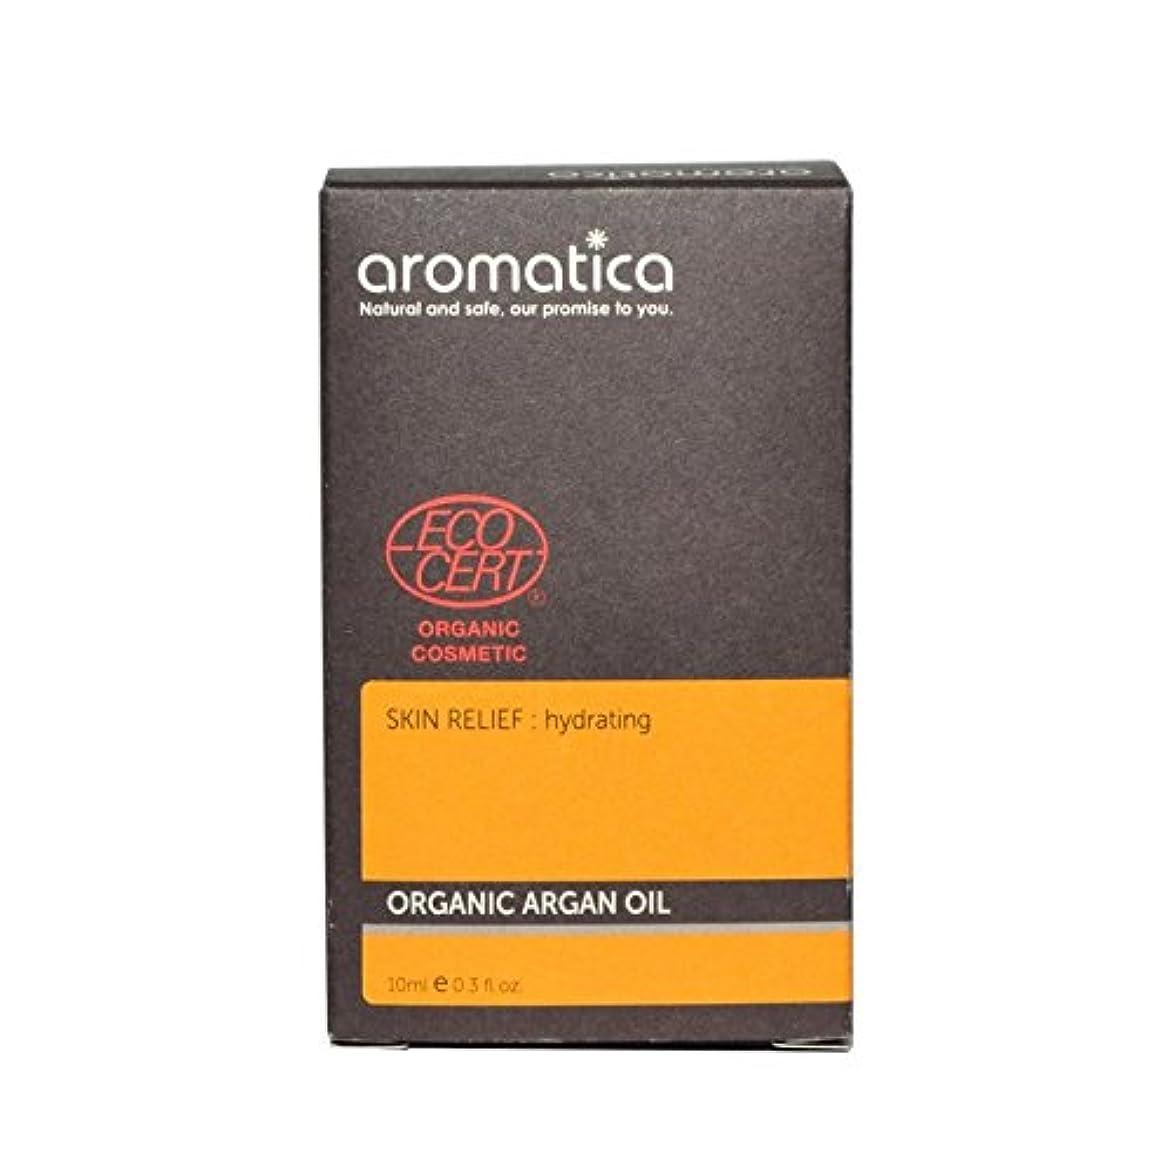 理解するアイザック摘むaromatica Organic Argan Oil 10ml - オーガニックアルガンオイル10ミリリットル [並行輸入品]